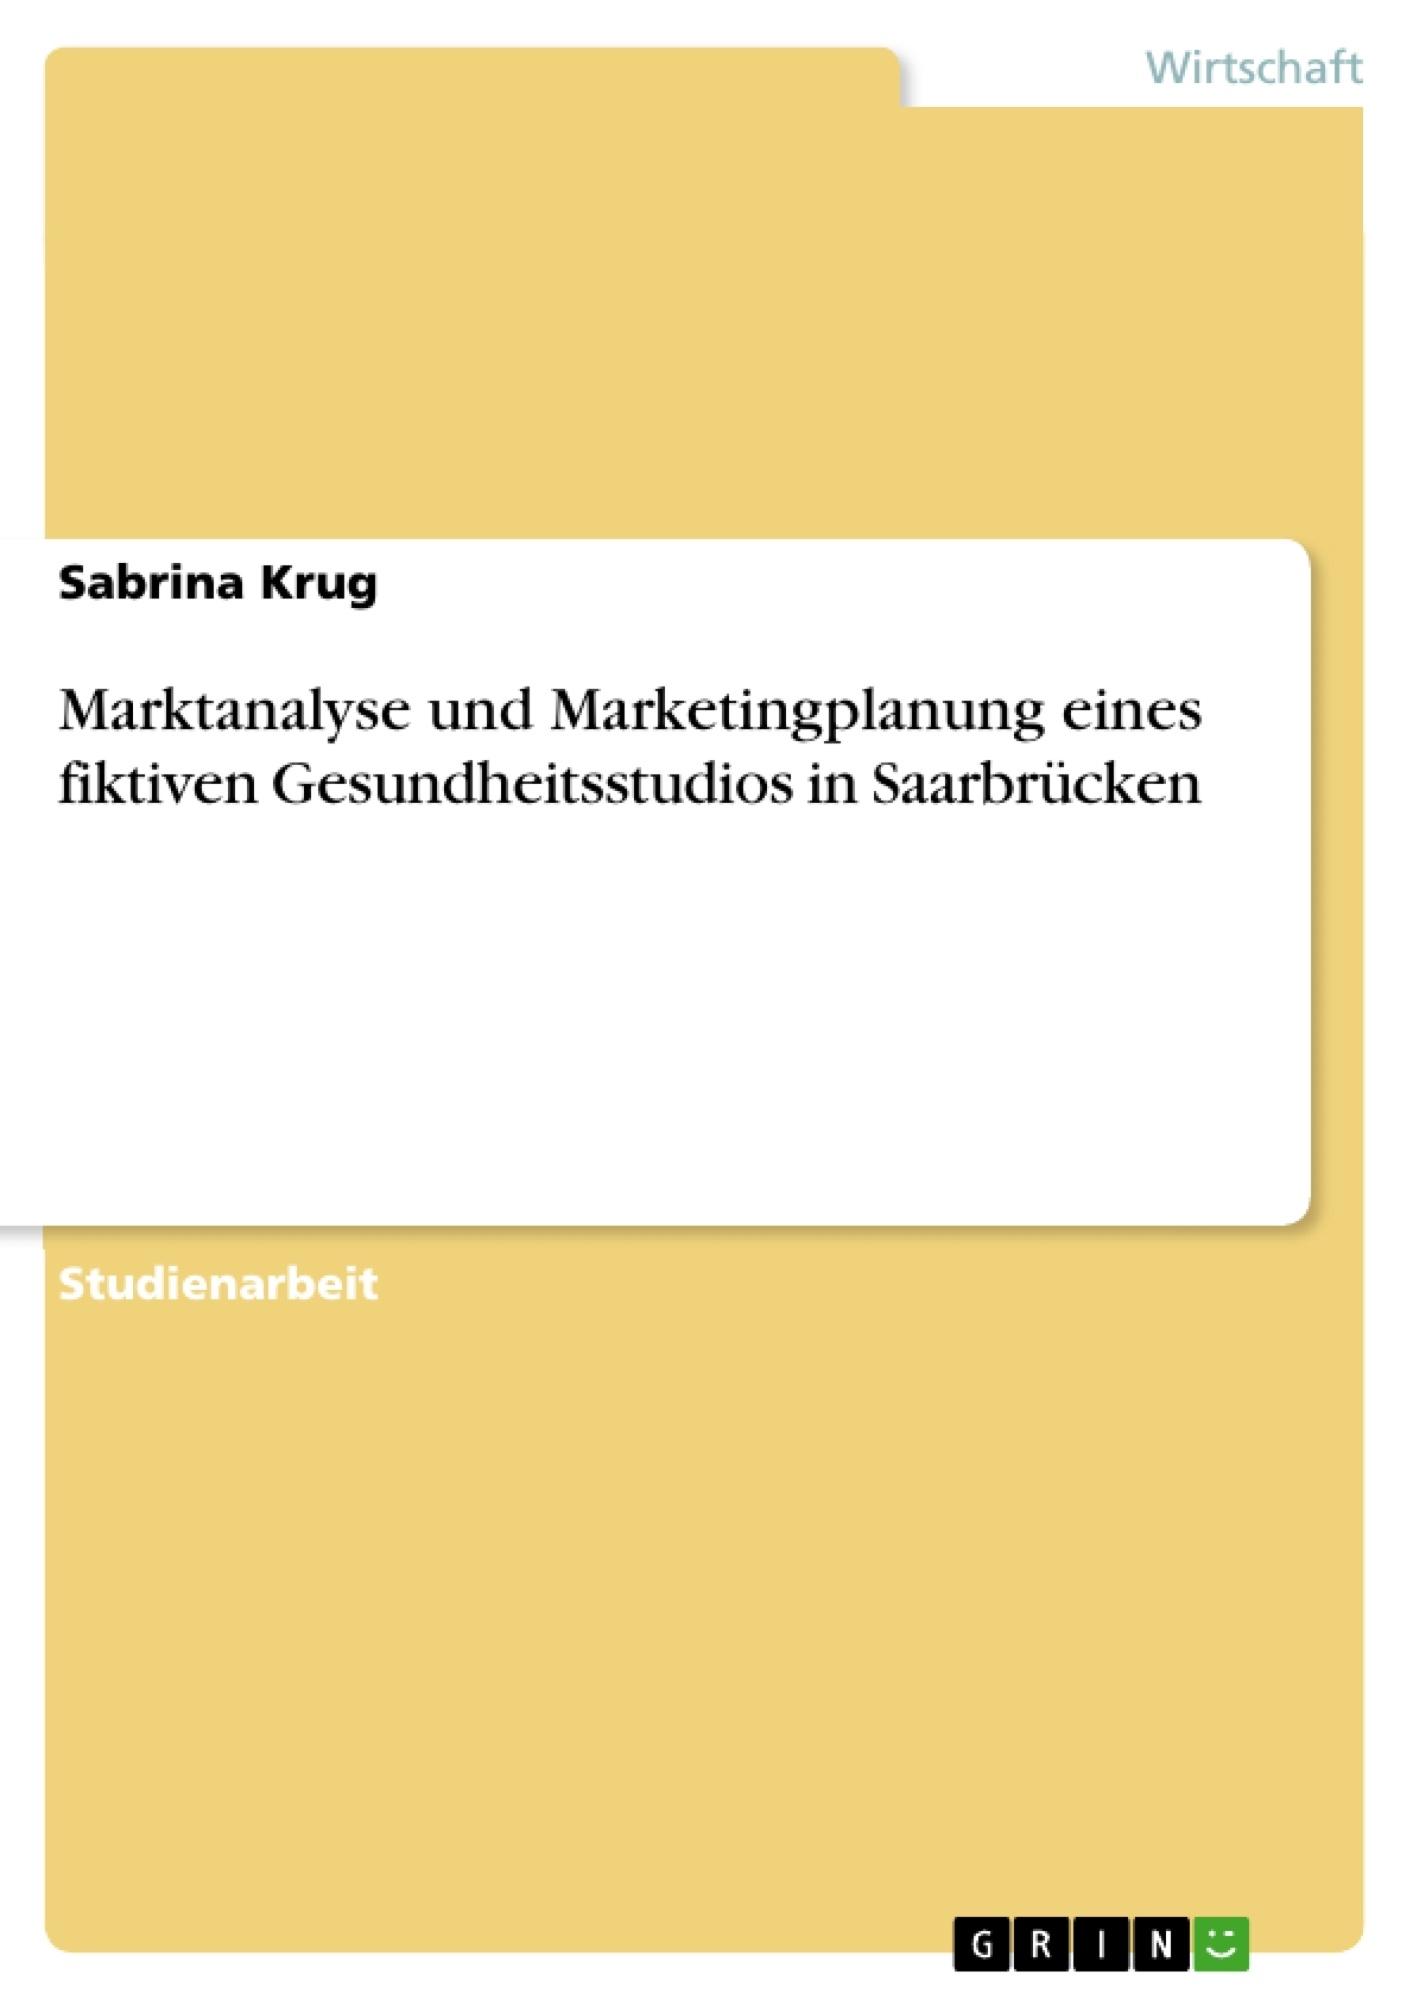 Titel: Marktanalyse und Marketingplanung eines fiktiven Gesundheitsstudios in Saarbrücken